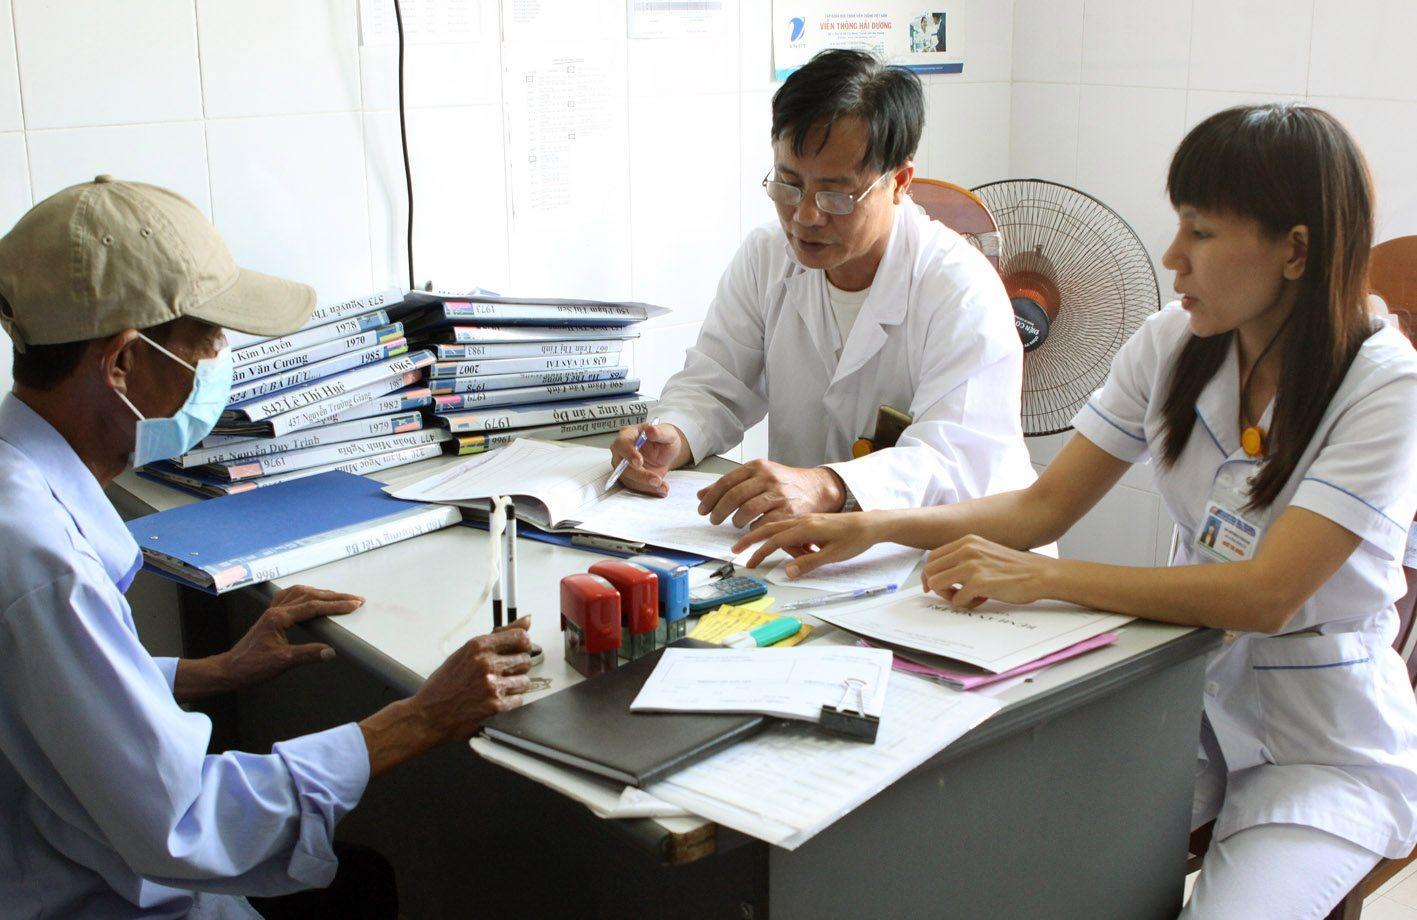 Những bệnh nhân đầu tiên được điều trị bằng thuốc kháng virus từ nguồn bảo hiểm y tế - Ảnh 1